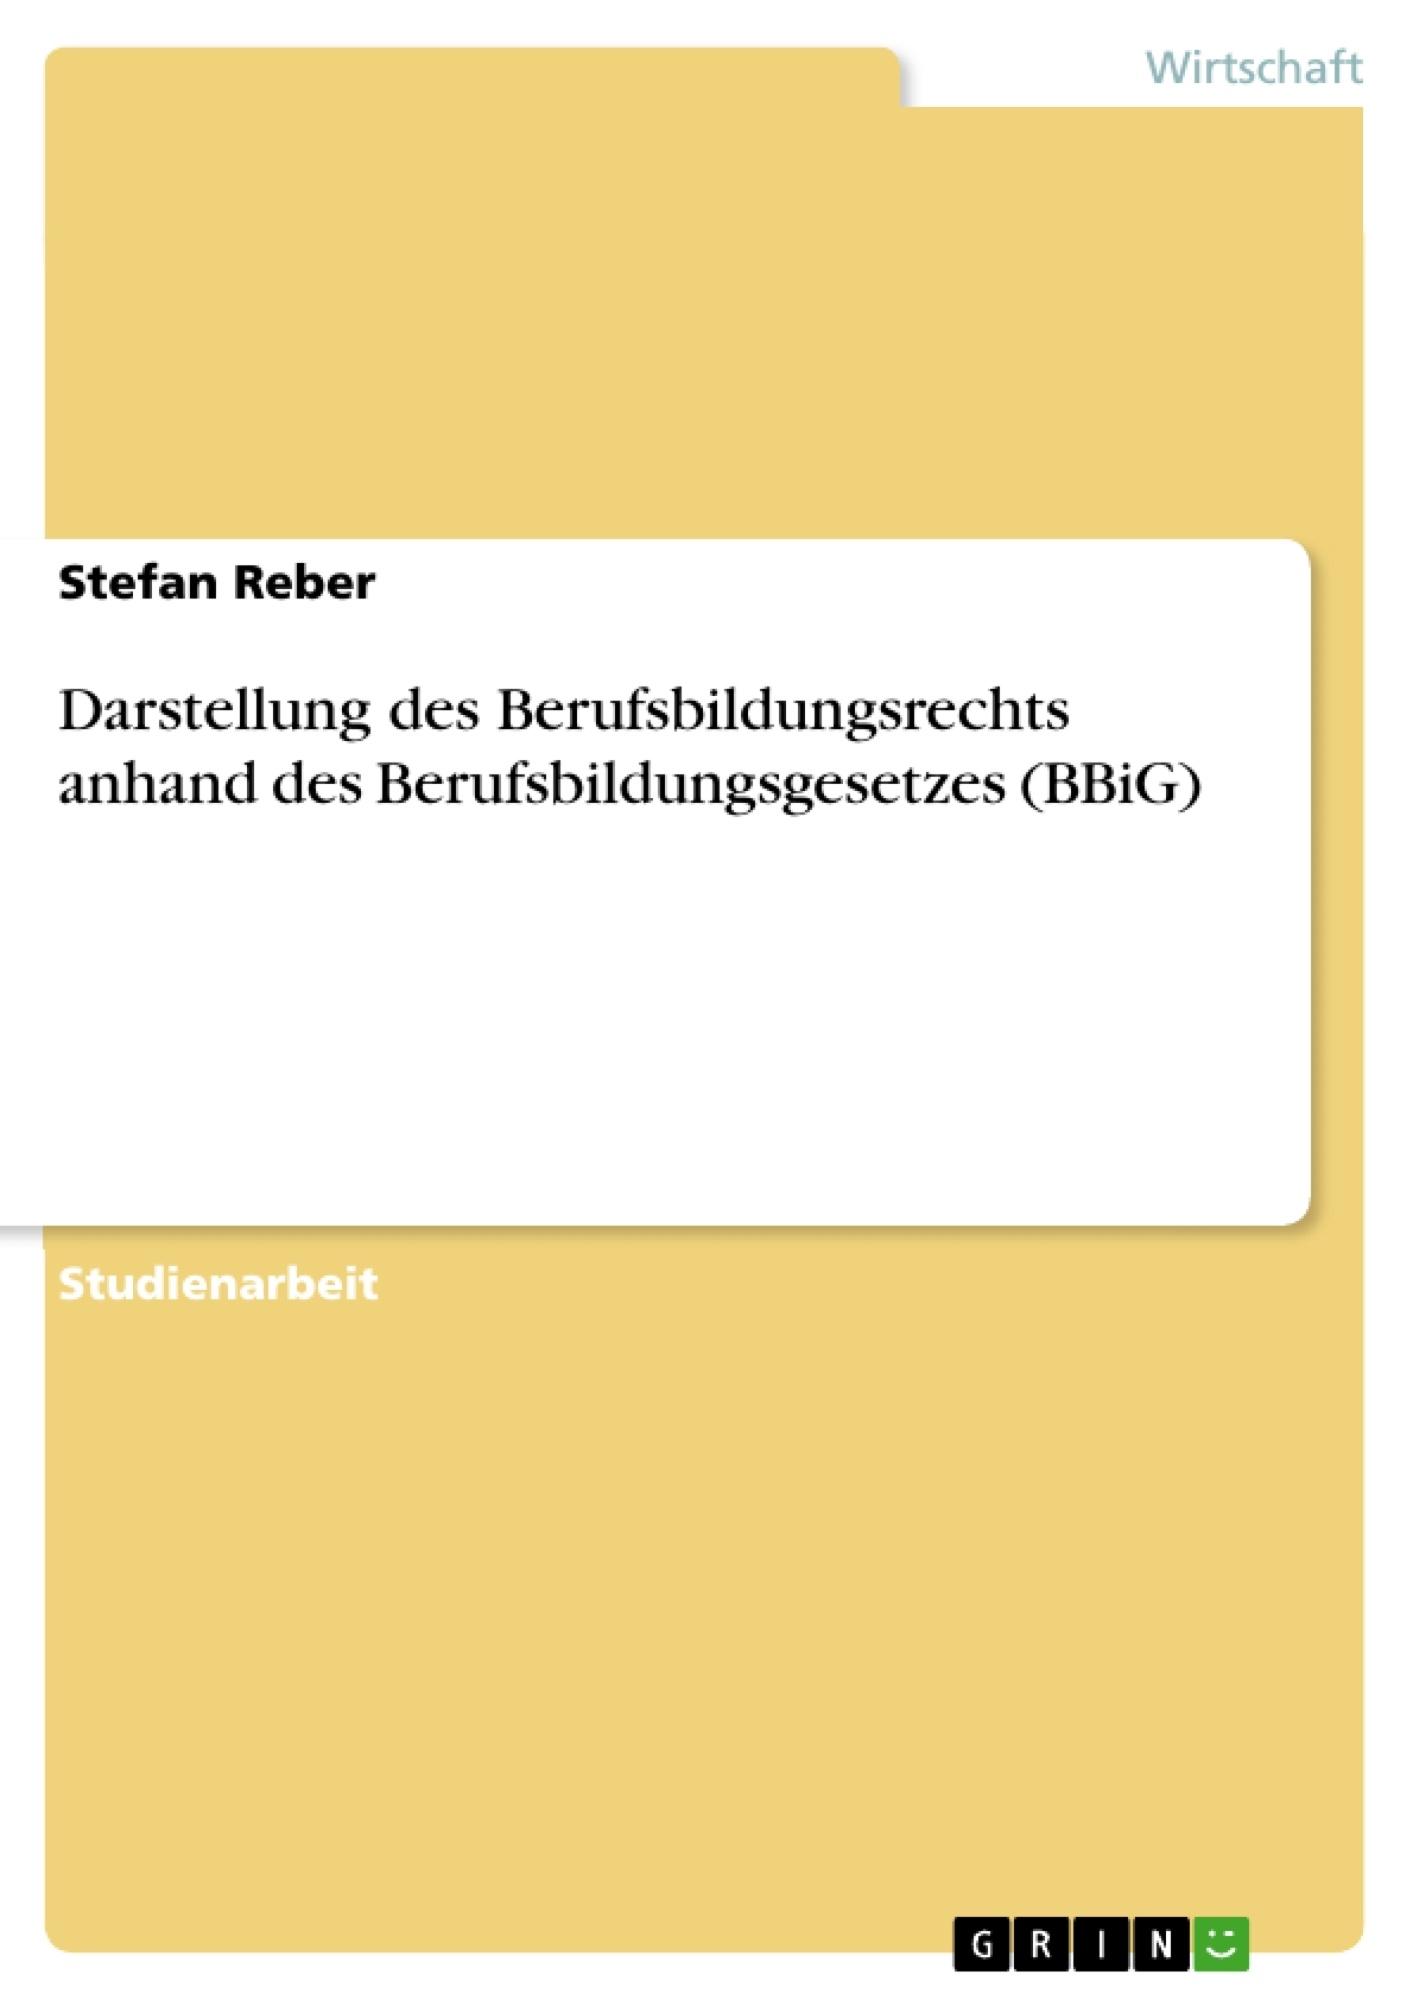 Titel: Darstellung des Berufsbildungsrechts anhand des Berufsbildungsgesetzes (BBiG)